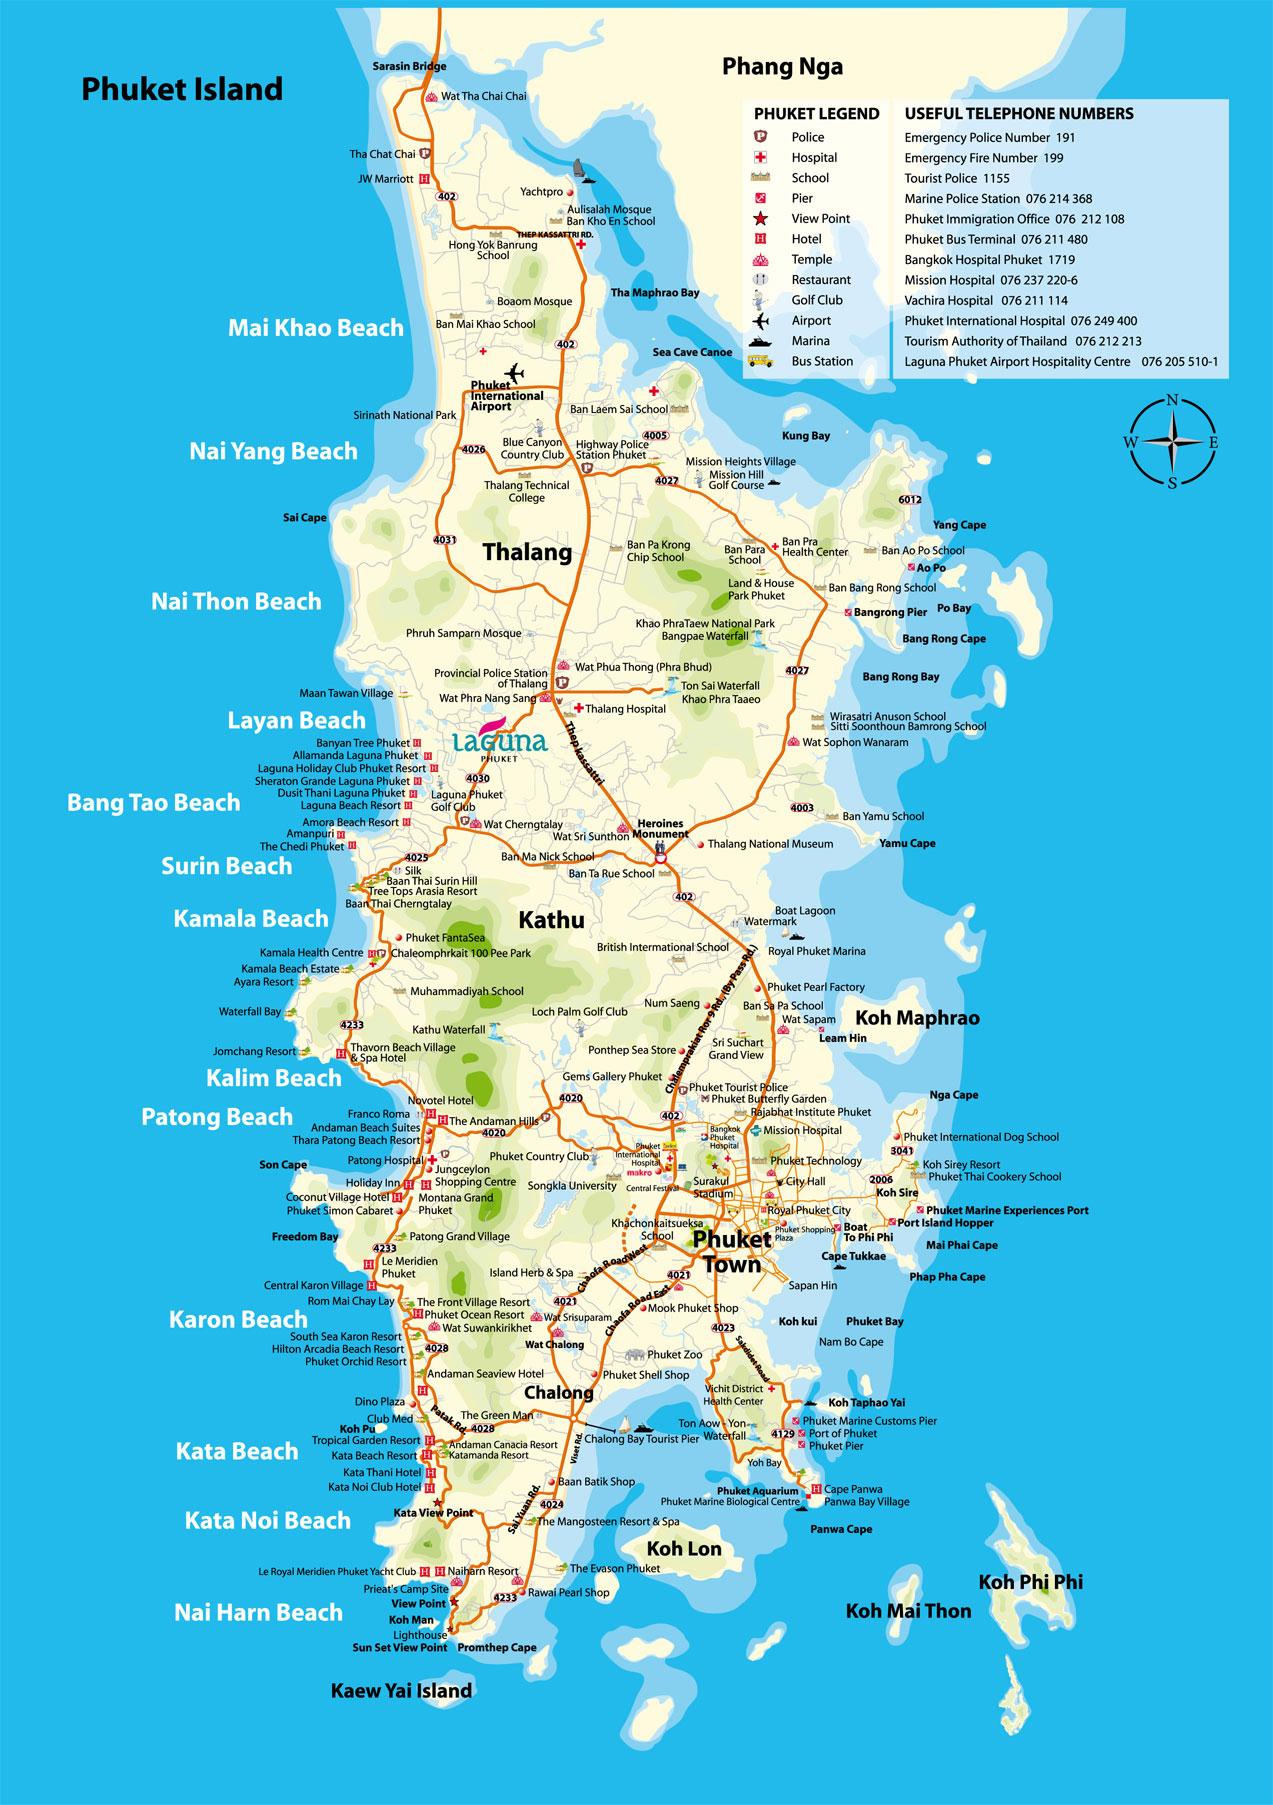 phuket island map phuket island mappery